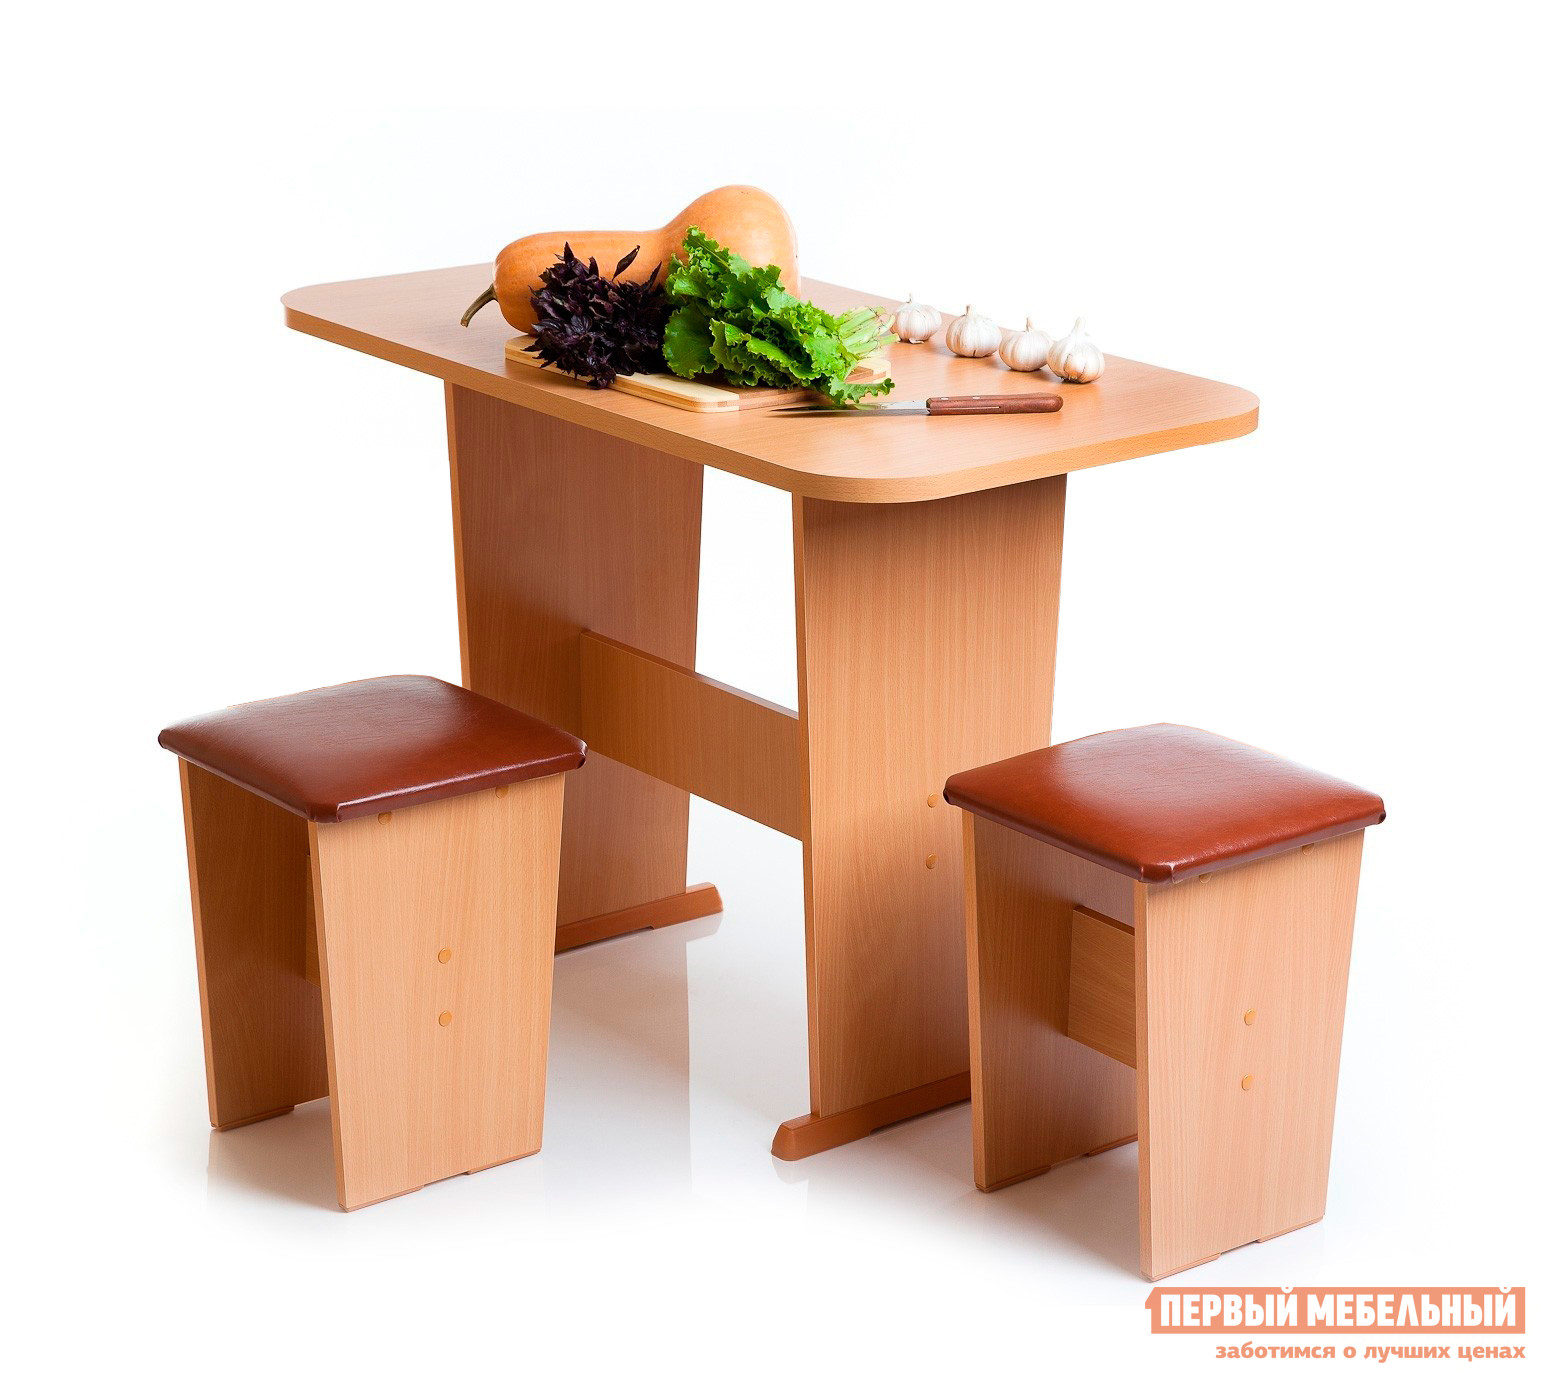 Кухонный стол Мебель Волгодонска Стол Лидер 1 ОльхаКухонные столы<br>Габаритные размеры ВхШхГ 730x1015x550 мм. Небольшой обеденный стол выполнен в классическом массивном дизайне.  Такая модель станет отличным дополнением как на кухне, так и на даче. Столешница имеет закругленные углы, что снижает травмоопасность.  Стол имеют соединение между ножками, которые позволят надолго сохранить мебель в первоначальном виде.  На ножках стола есть специальные заглушки, которые препятствуют повреждения пола. Стол выполняется из ЛДСП. Обратите внимание! Табуреты в комплект не входят.<br><br>Цвет: Светлое дерево<br>Высота мм: 730<br>Ширина мм: 1015<br>Глубина мм: 550<br>Кол-во упаковок: 1<br>Форма поставки: В разобранном виде<br>Срок гарантии: 12 месяцев<br>Материал: Дерево<br>Материал: ЛДСП<br>Форма: Овальные<br>Размер: Маленькие